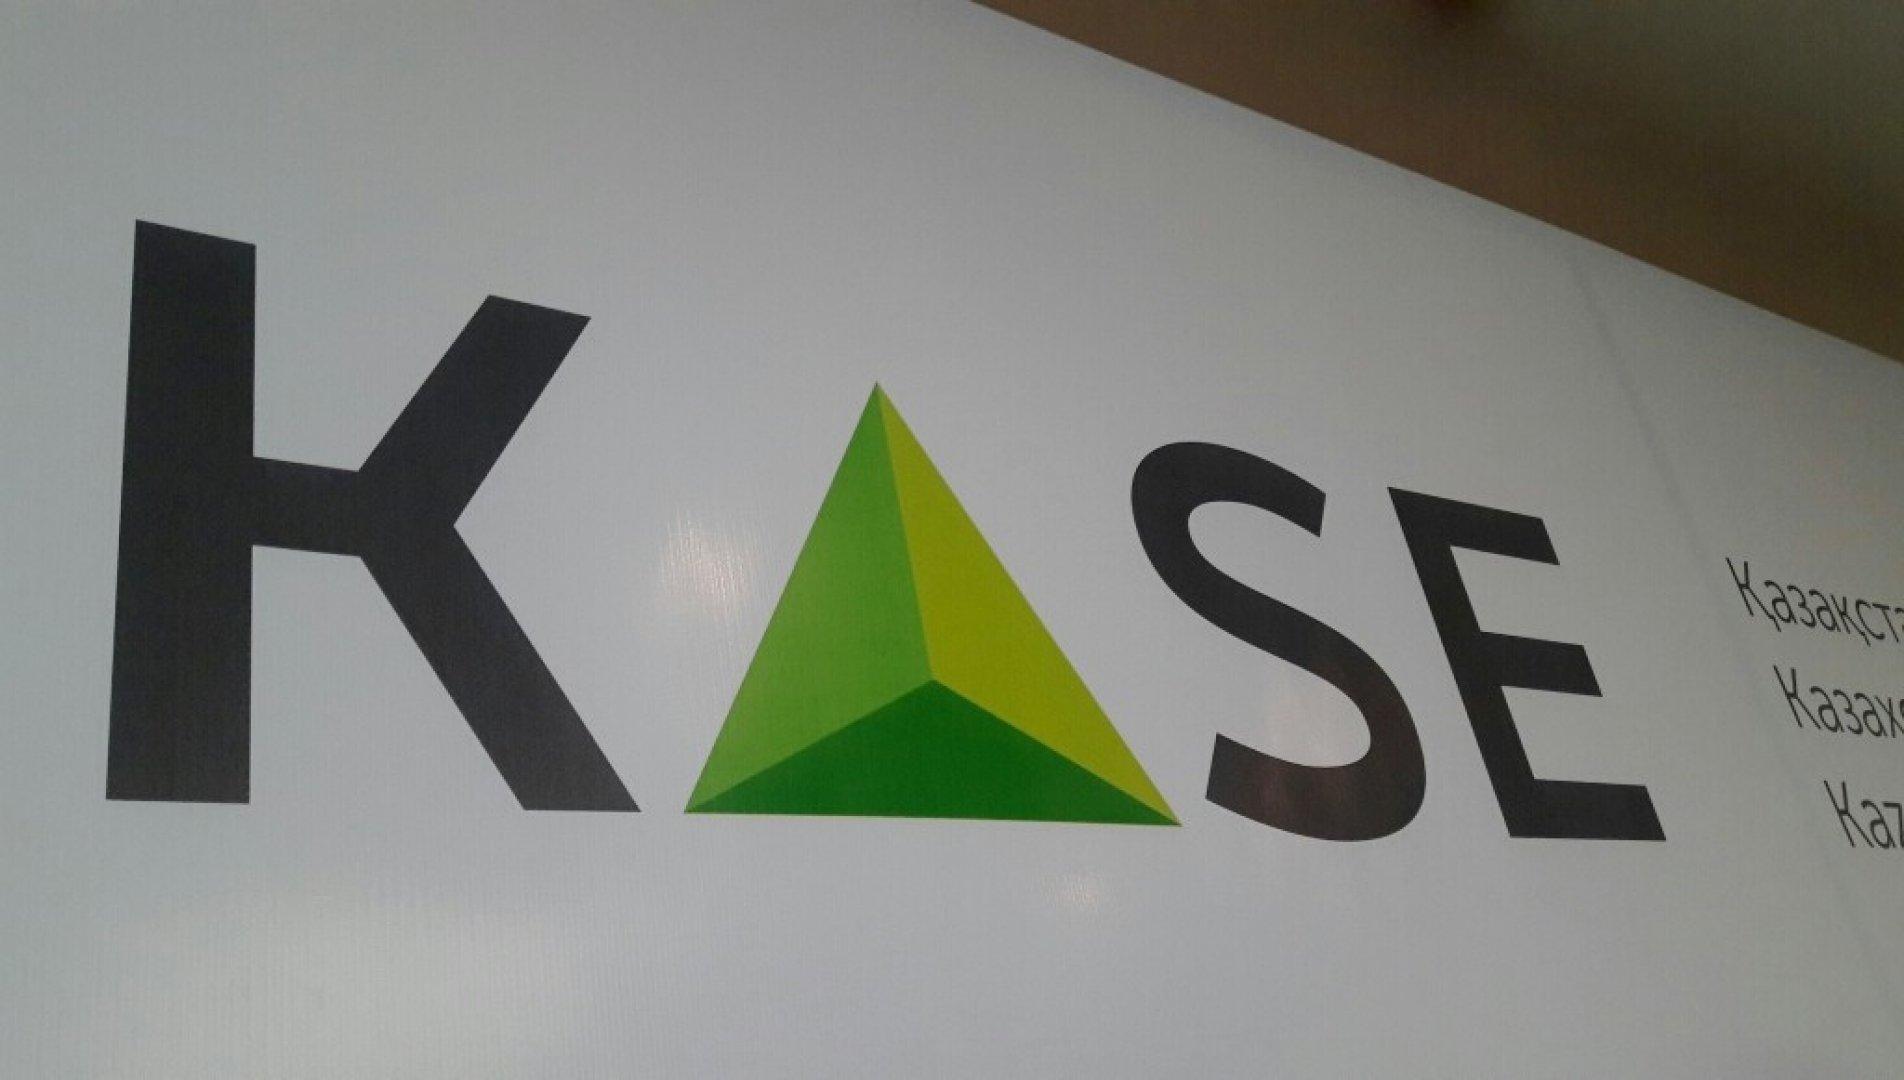 Активы KASE увеличились в пять раз по сравнению с 2017 годом